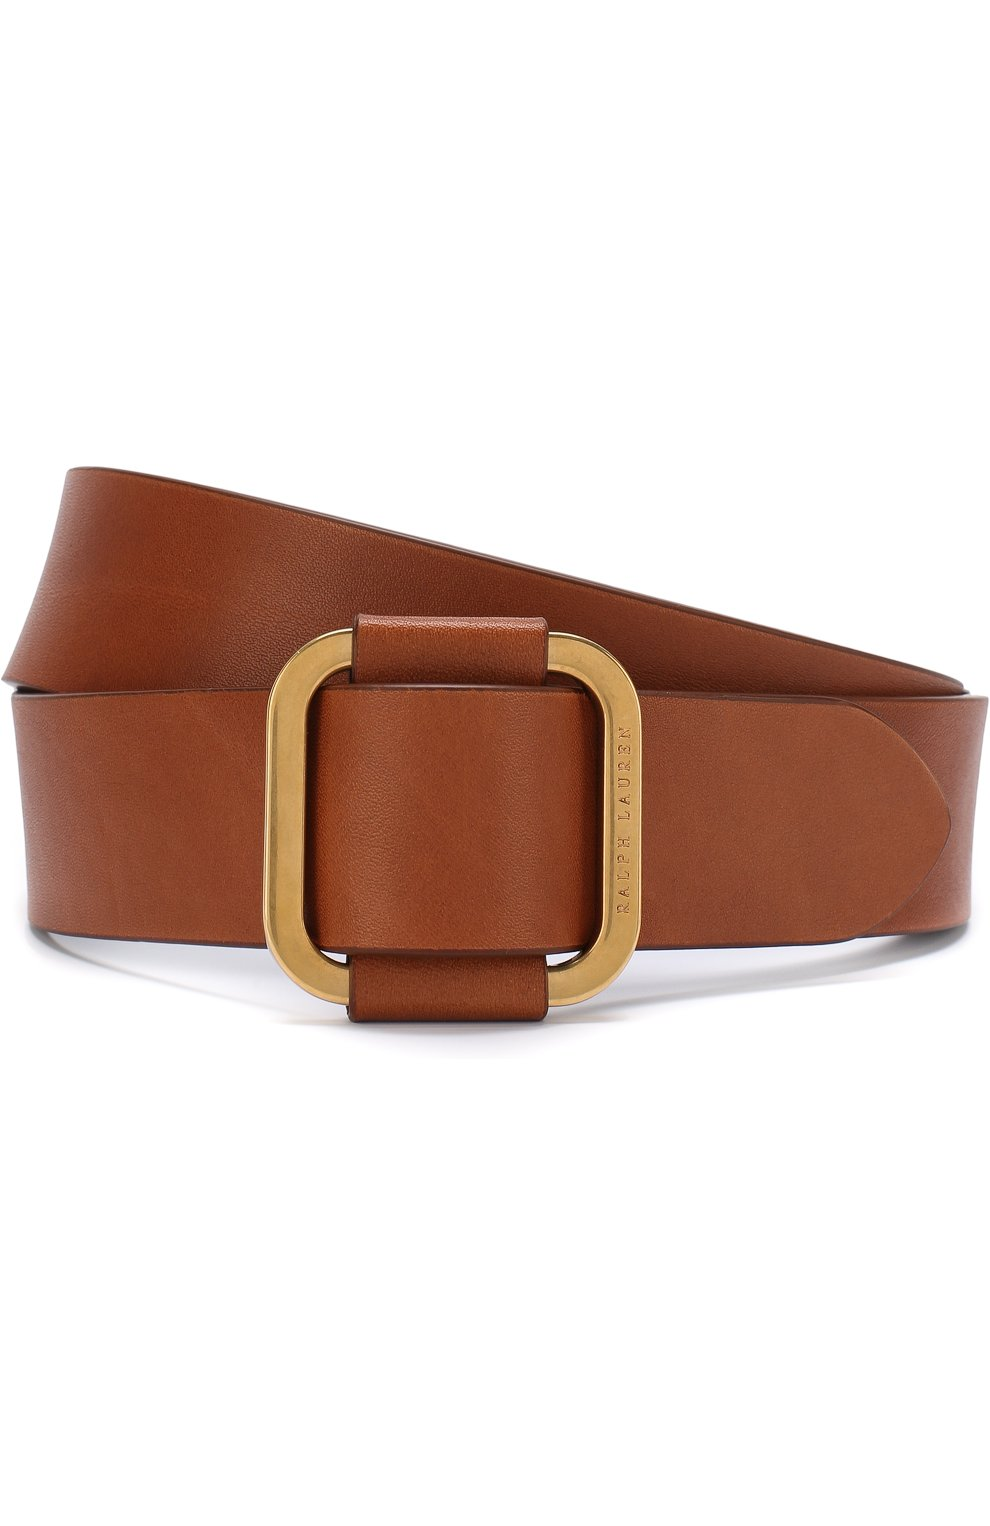 Мужской кожаный ремень с металлической пряжкой RALPH LAUREN коричневого цвета, арт. 404692769   Фото 1